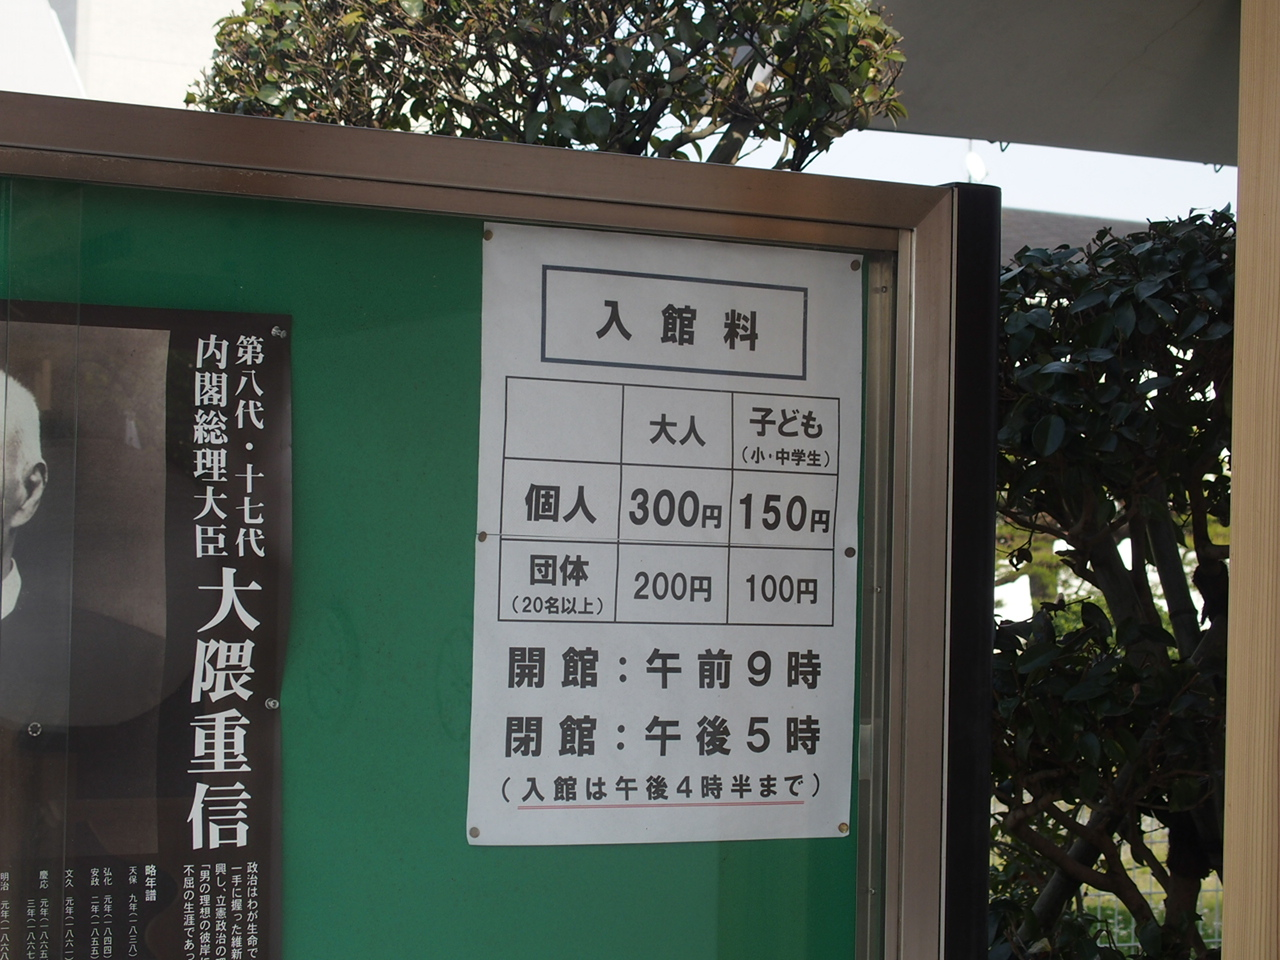 大隈記念館料金表